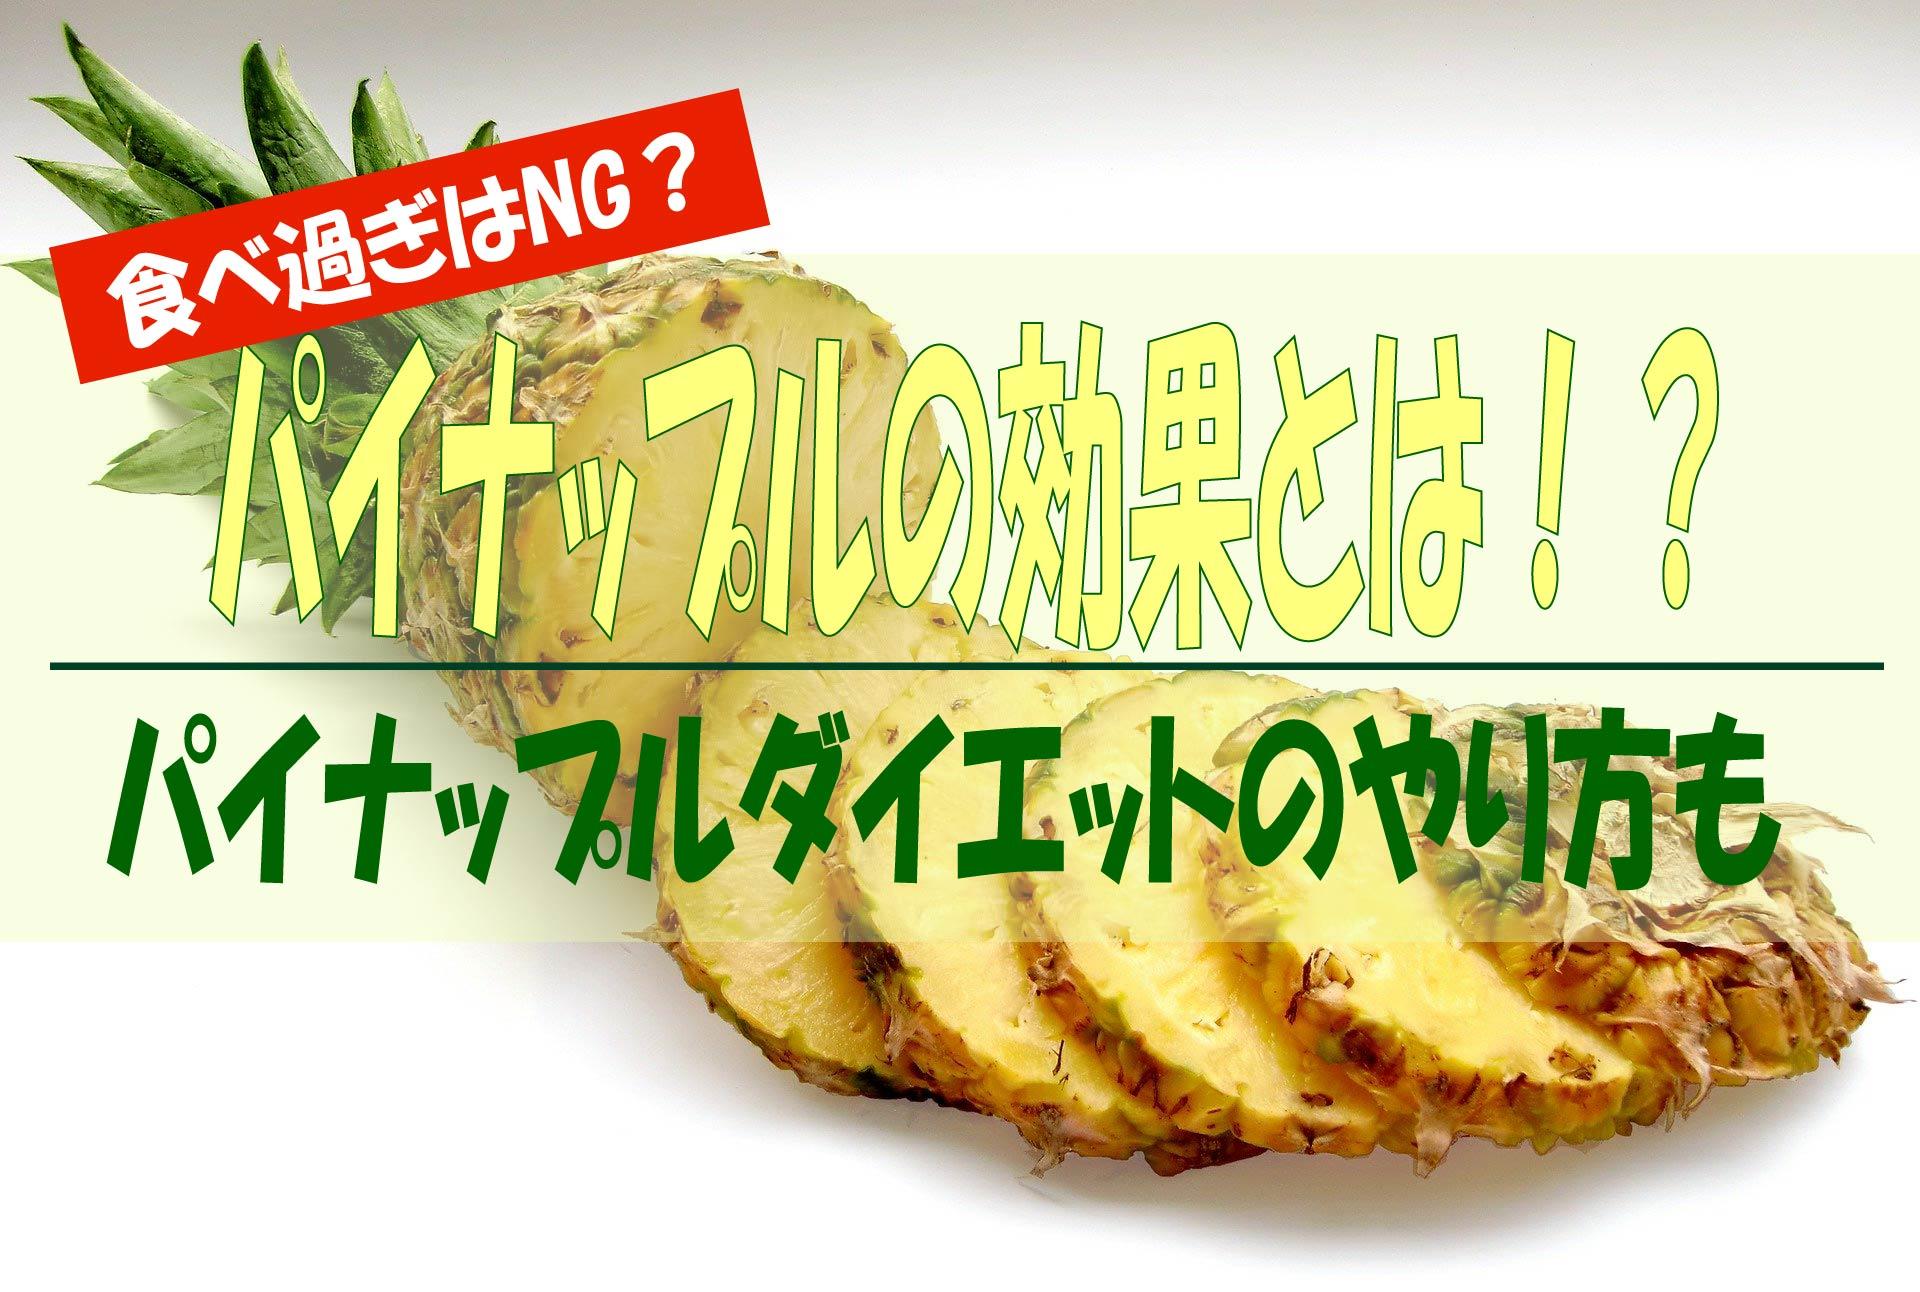 パイナップルの効能とは?食べ過ぎはNG?パイナップルダイエットのやり方も